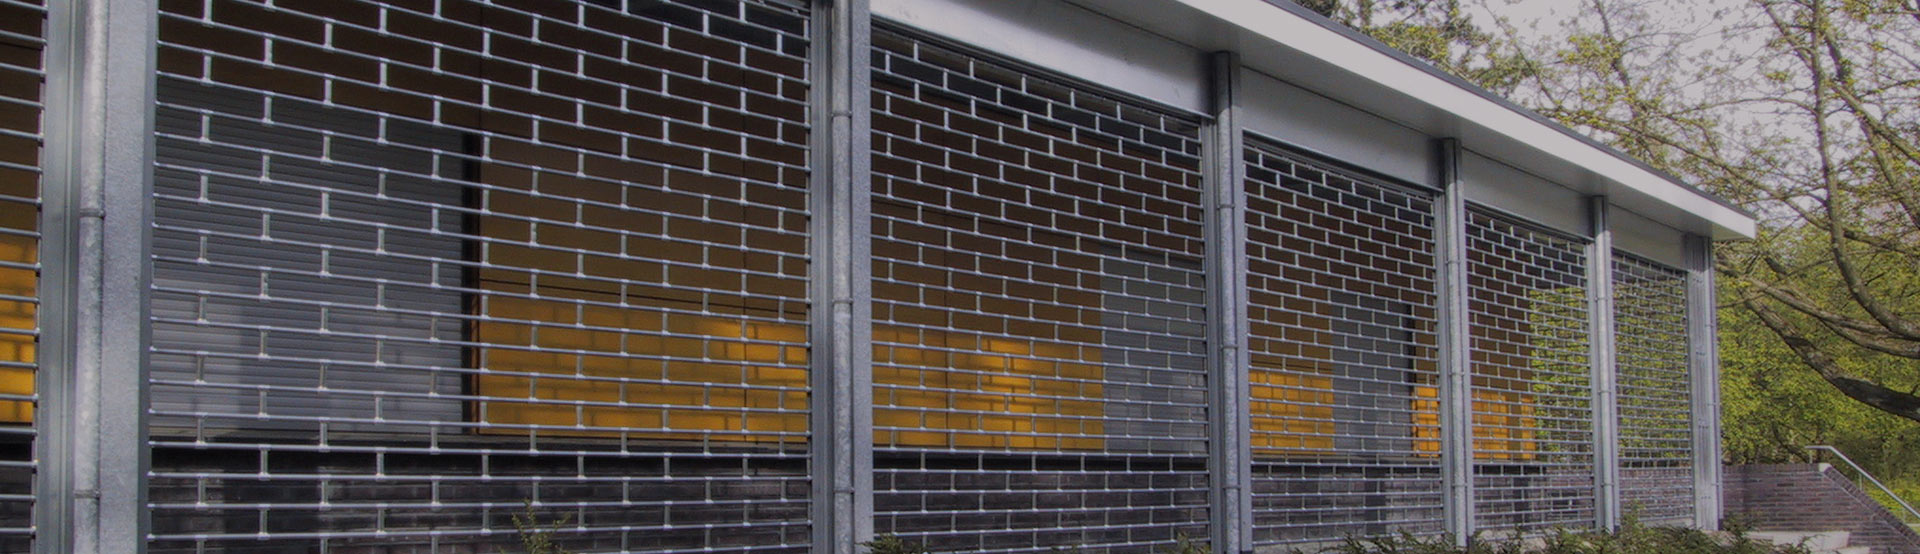 Rolluik winkeliers-vereniging | de Vlijt Rolluiken & Reparaties